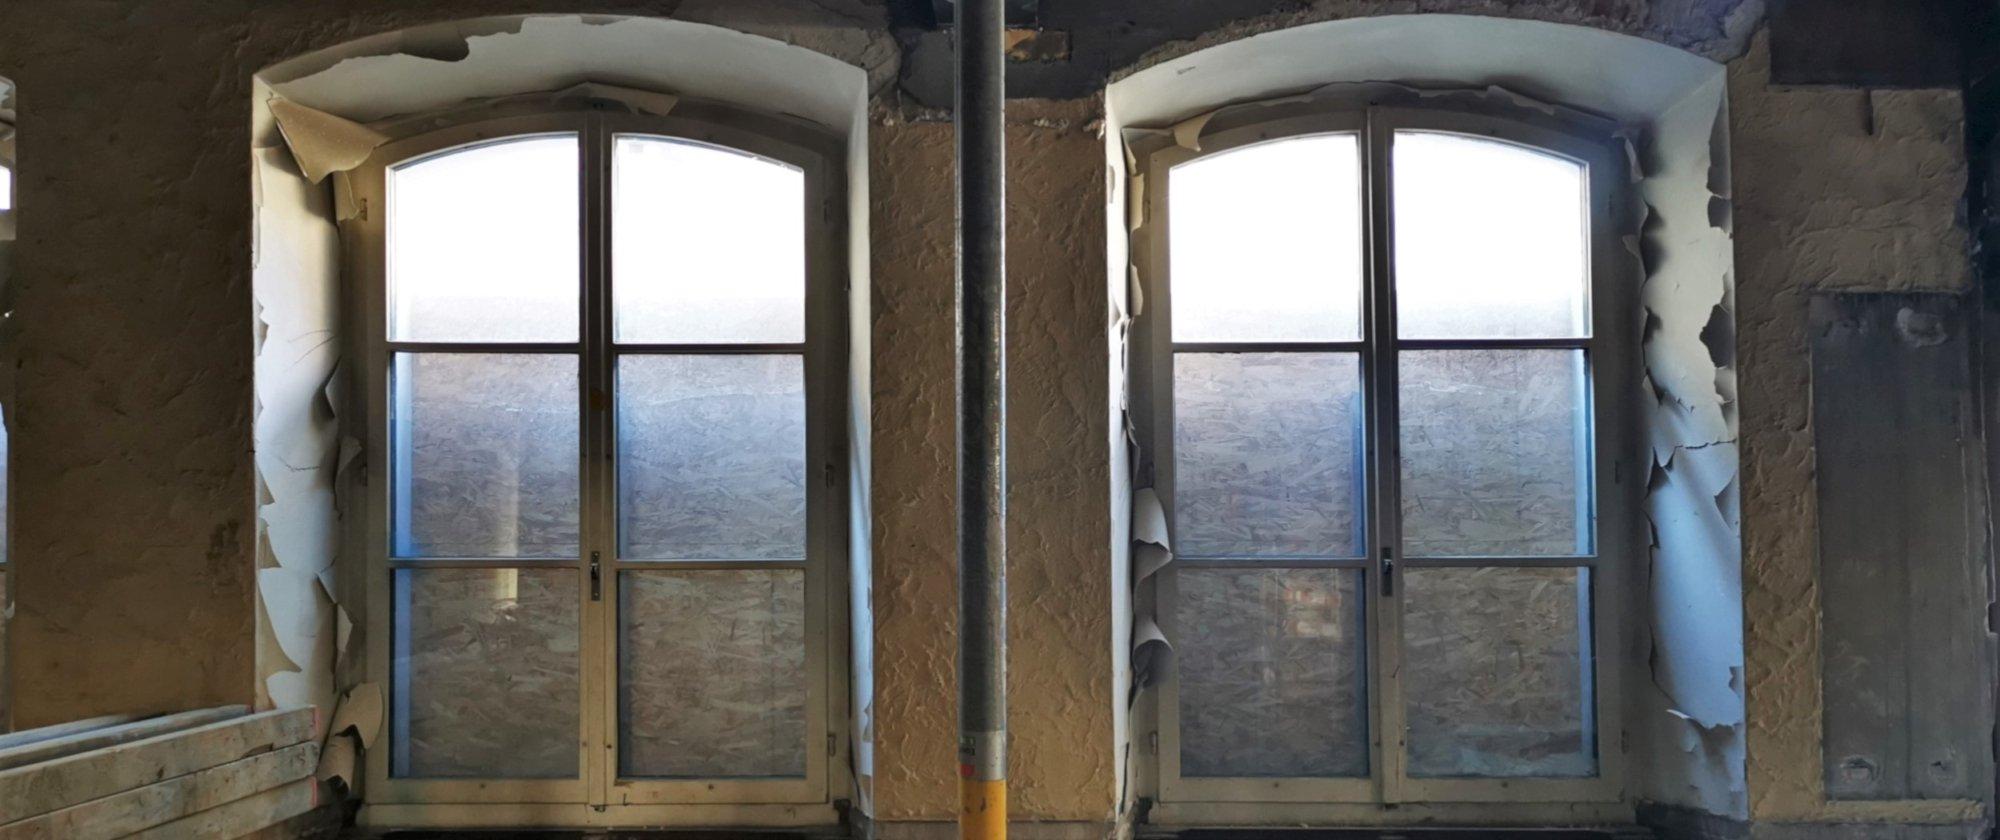 die Fenster des Restaurants während des Umbaus